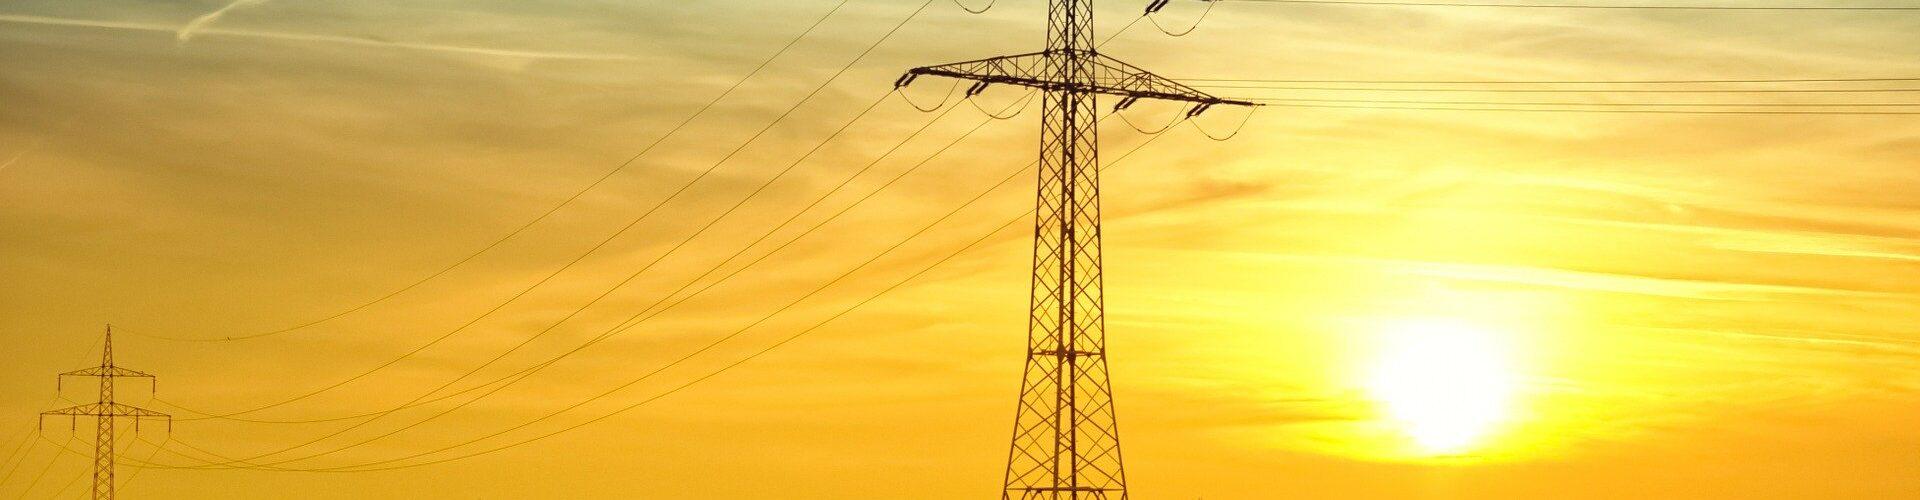 siec energetyczna